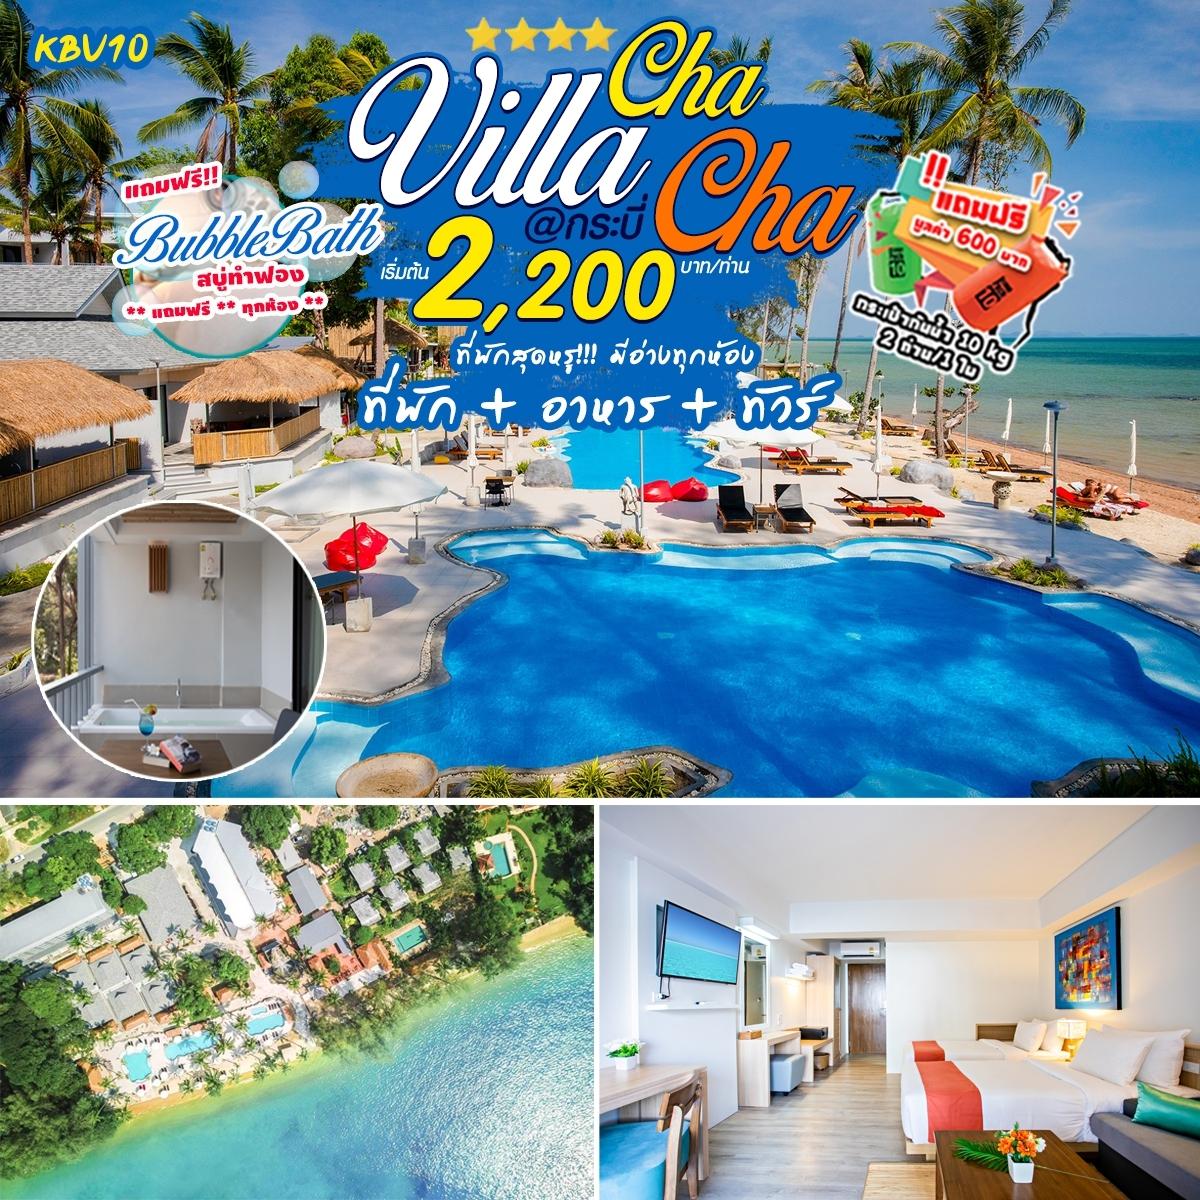 แพ็คเกจทัวร์กระบี่ Villa Cha-Cha Krabi Beachfront Resort 3 วัน 2 คืน (U2U)